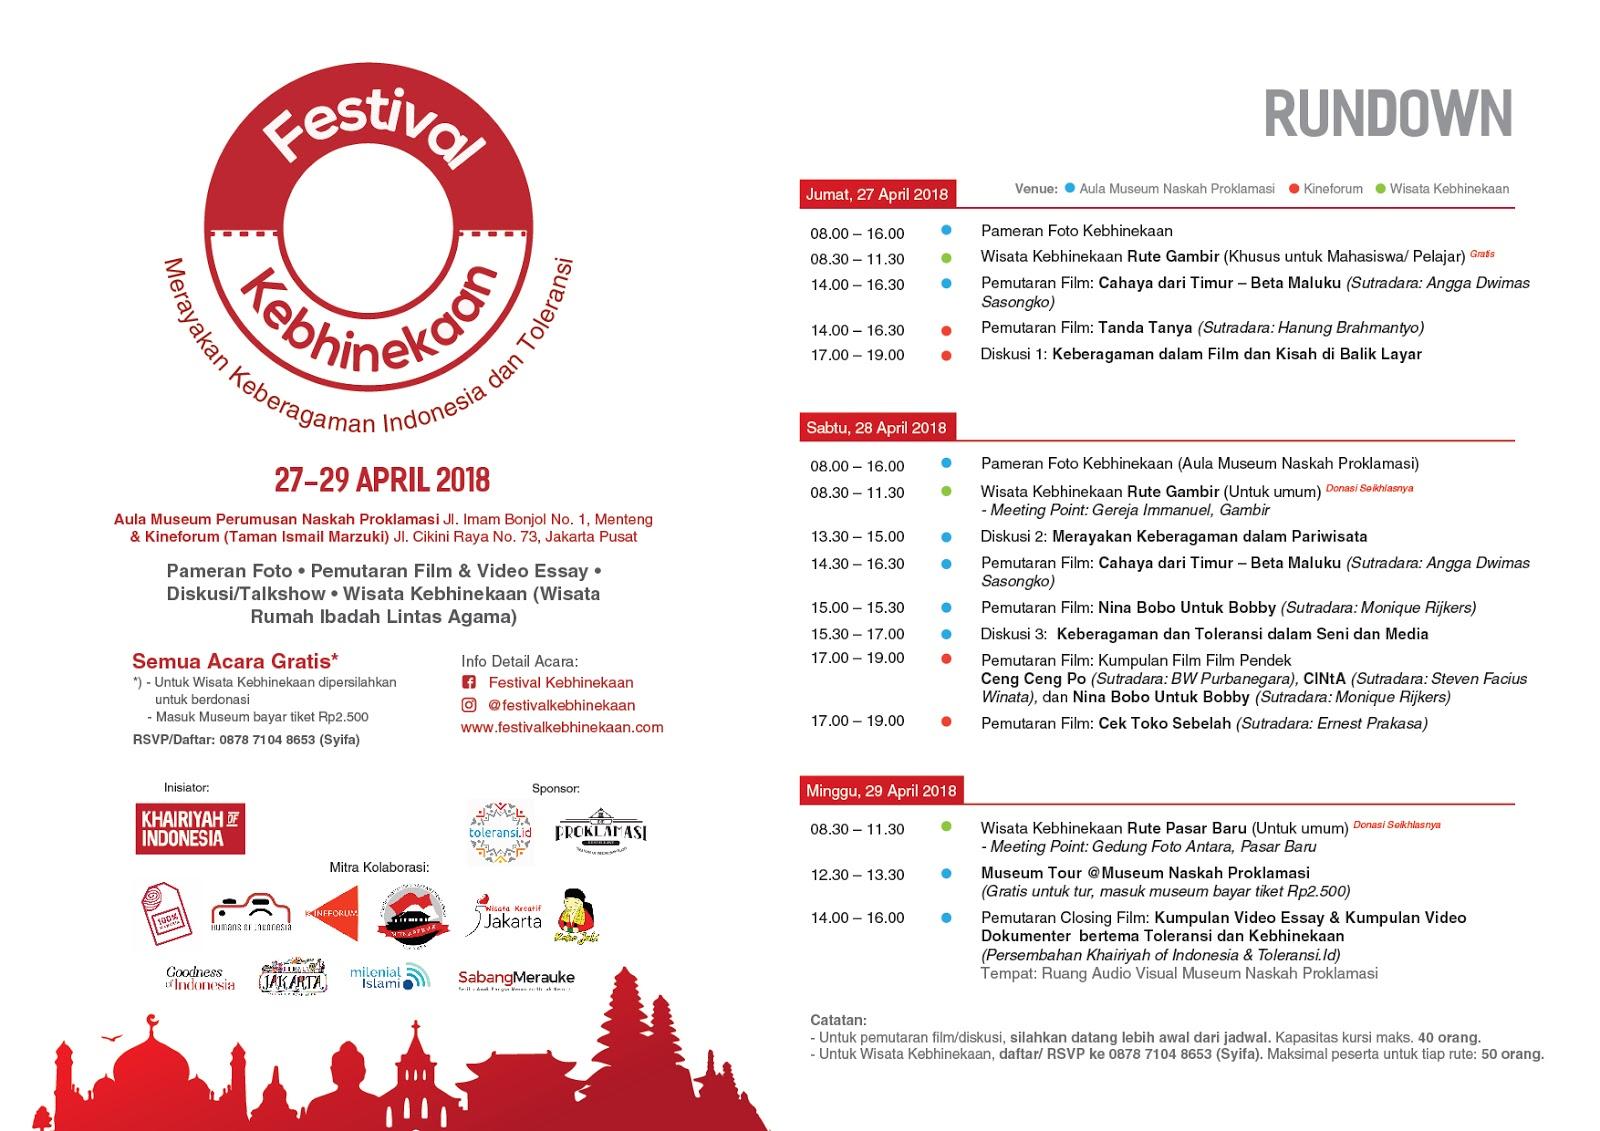 Jadwal Lengkap Festival Kebhinekaan